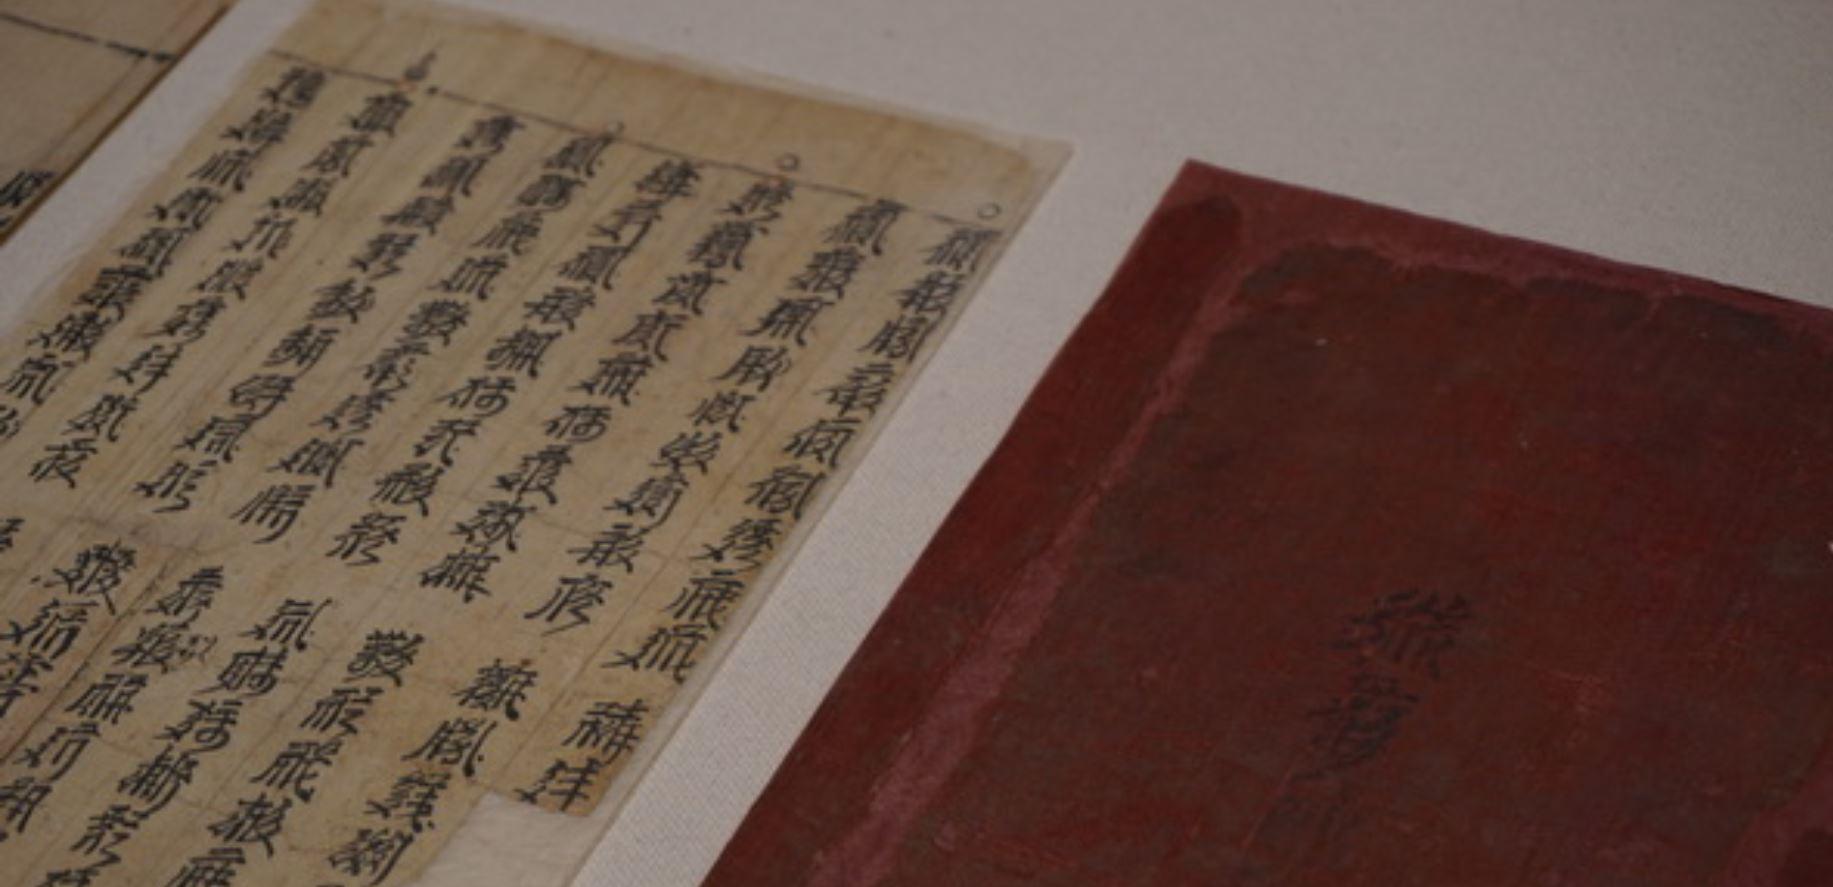 Bibliotecas chinas publican copias digitales de libros antiguos